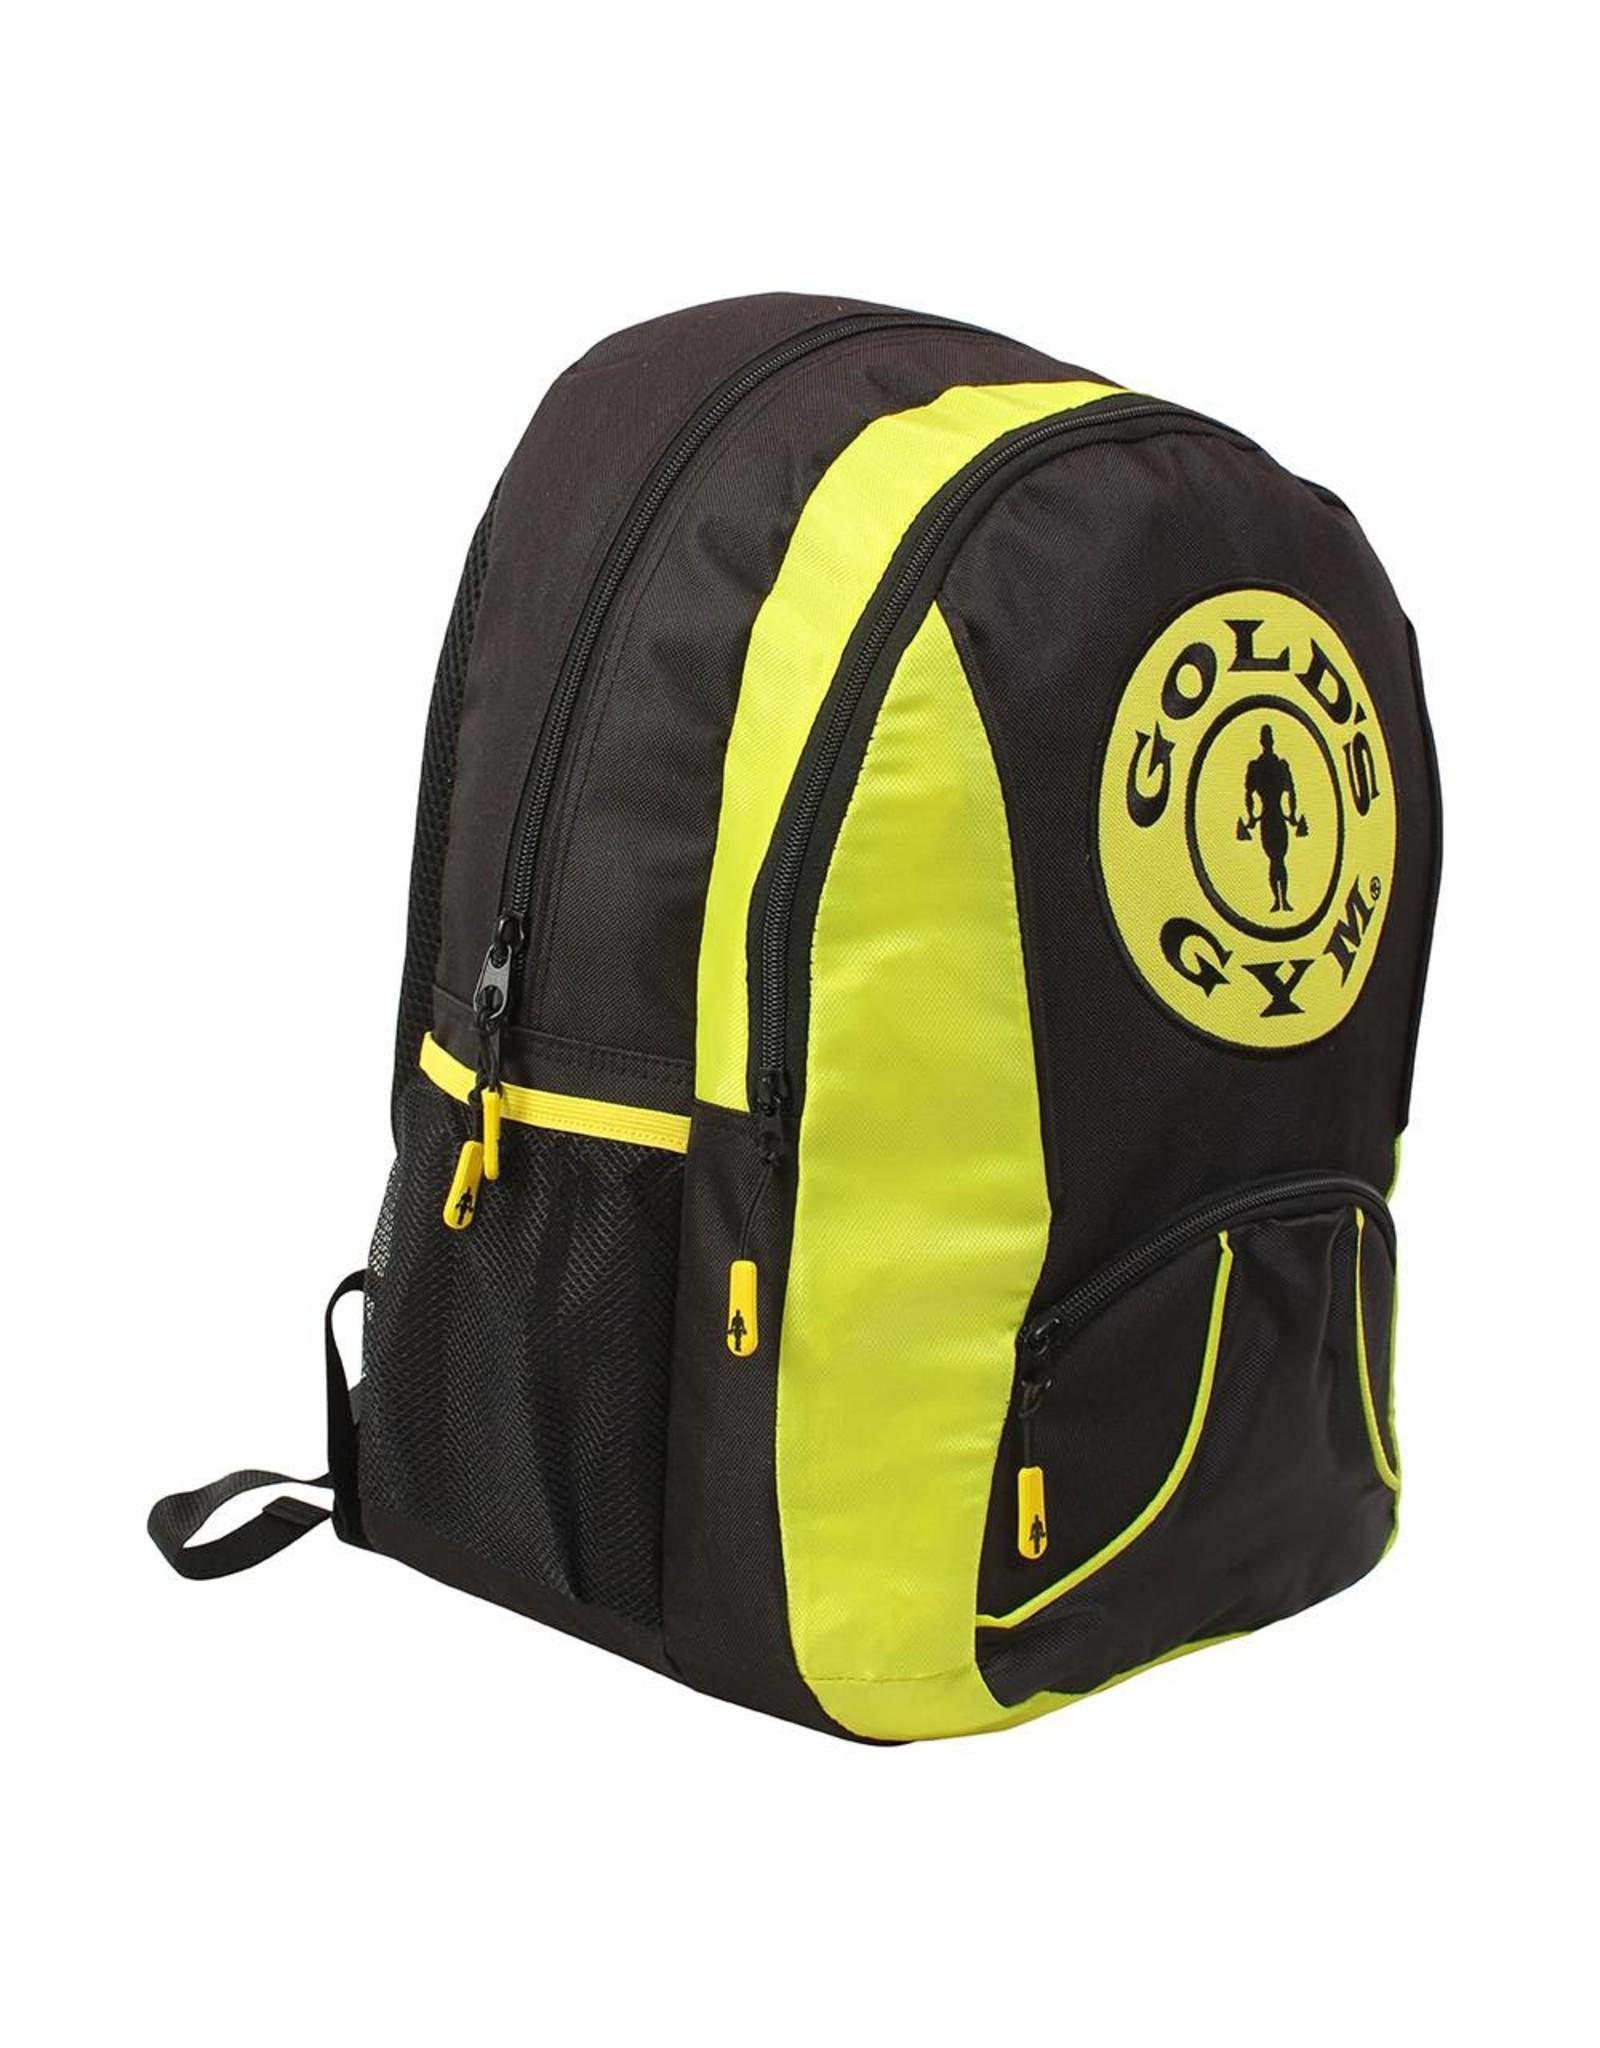 Gold's Gym Back Pack - Black/Gold